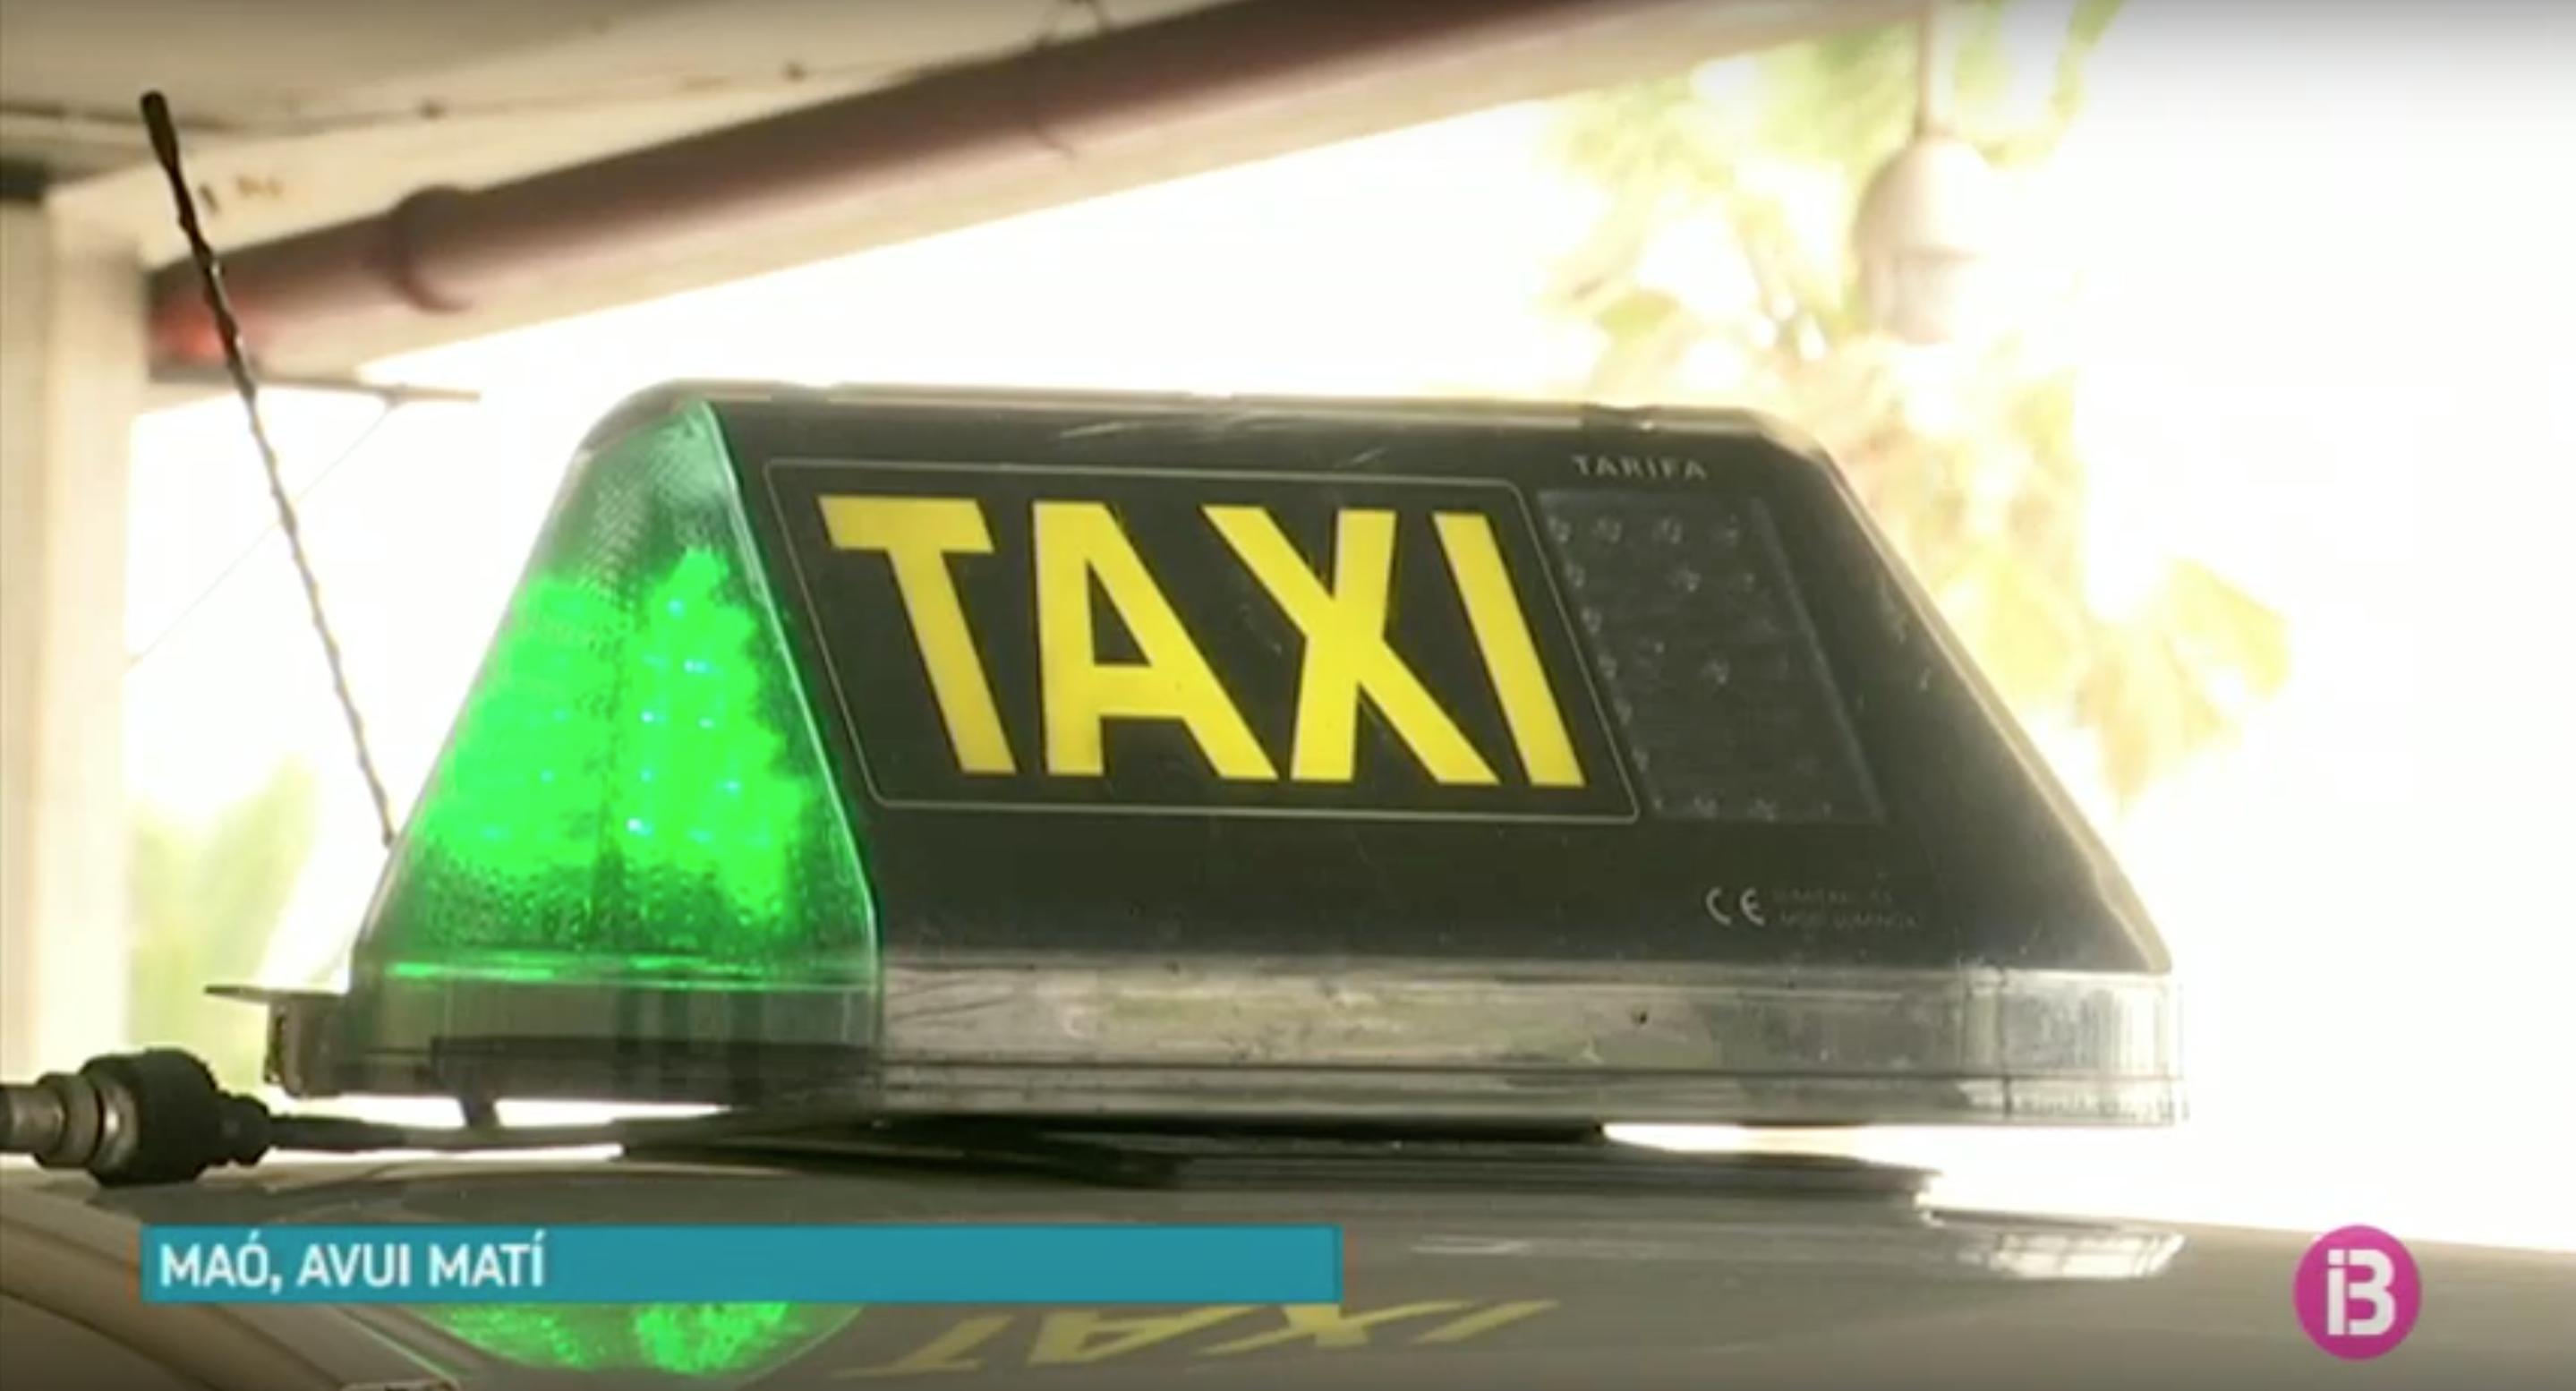 Els+taxistes+de+Menorca+redueixen+un+50%25+la+seva+pres%C3%A8ncia+per%C3%B2+cobreixen+tota+la+demanda